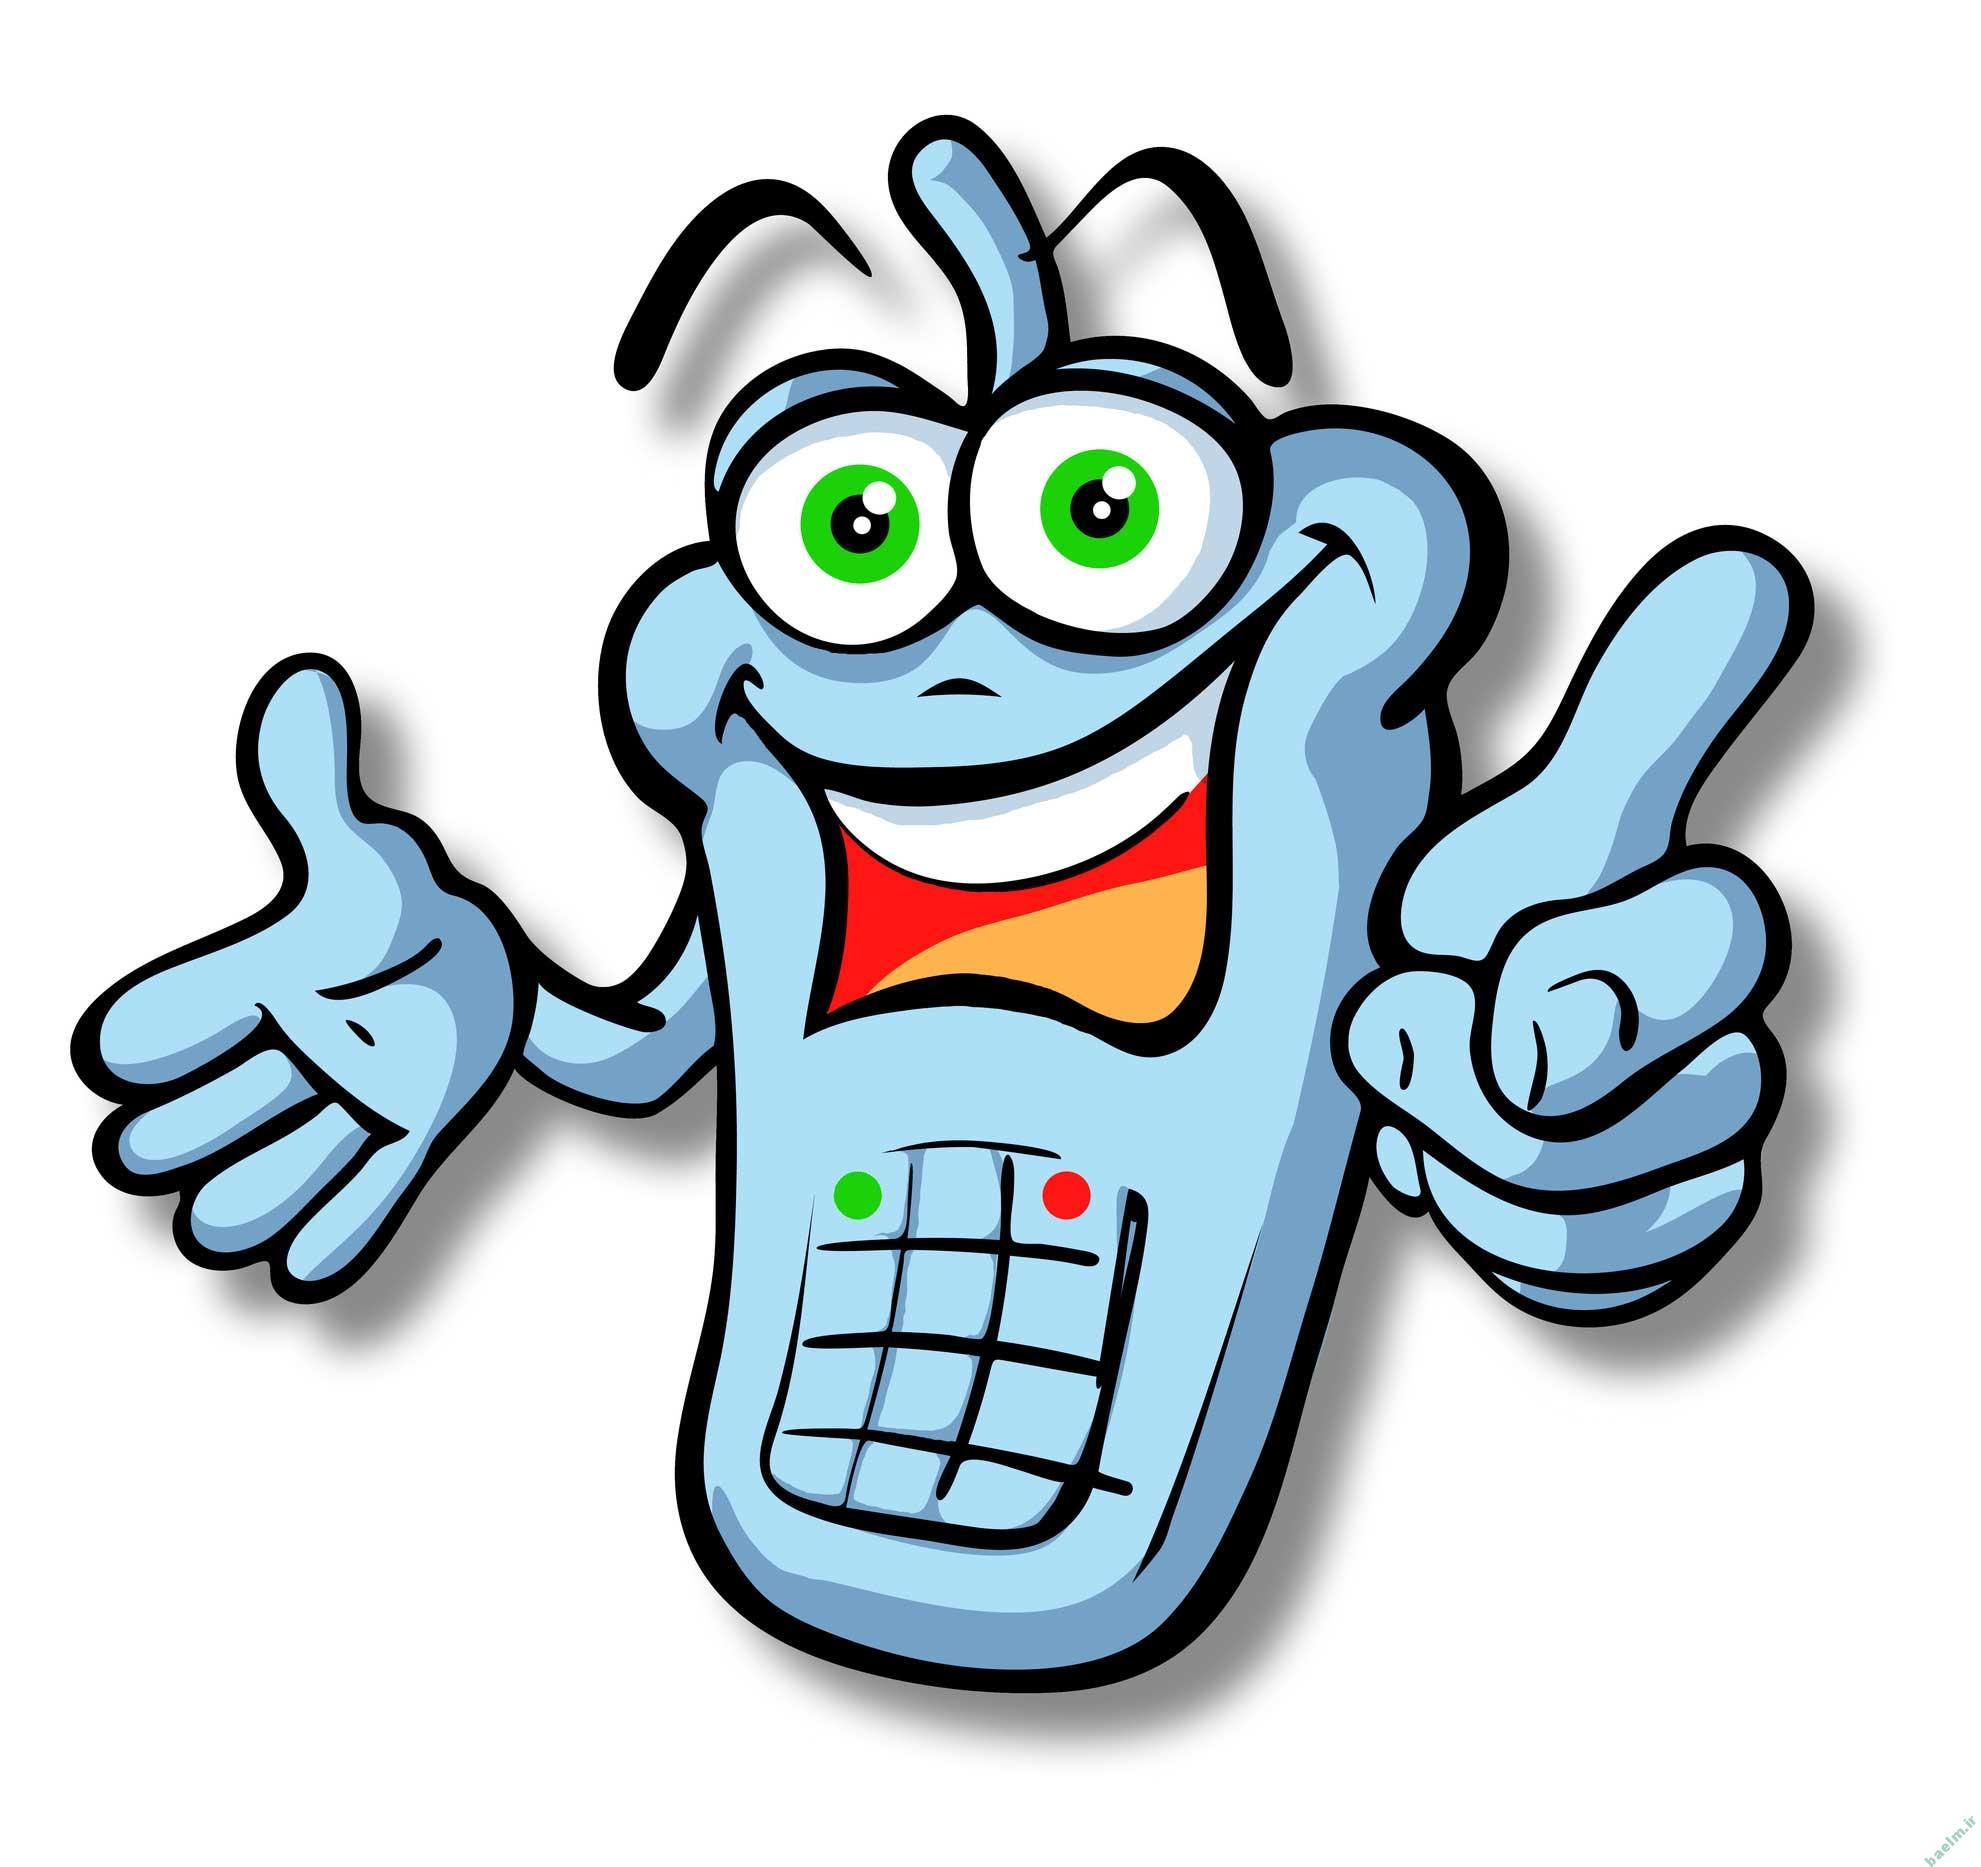 موبایل | آشنایی با بیش از 80 نوع اصطلاح موبایلی